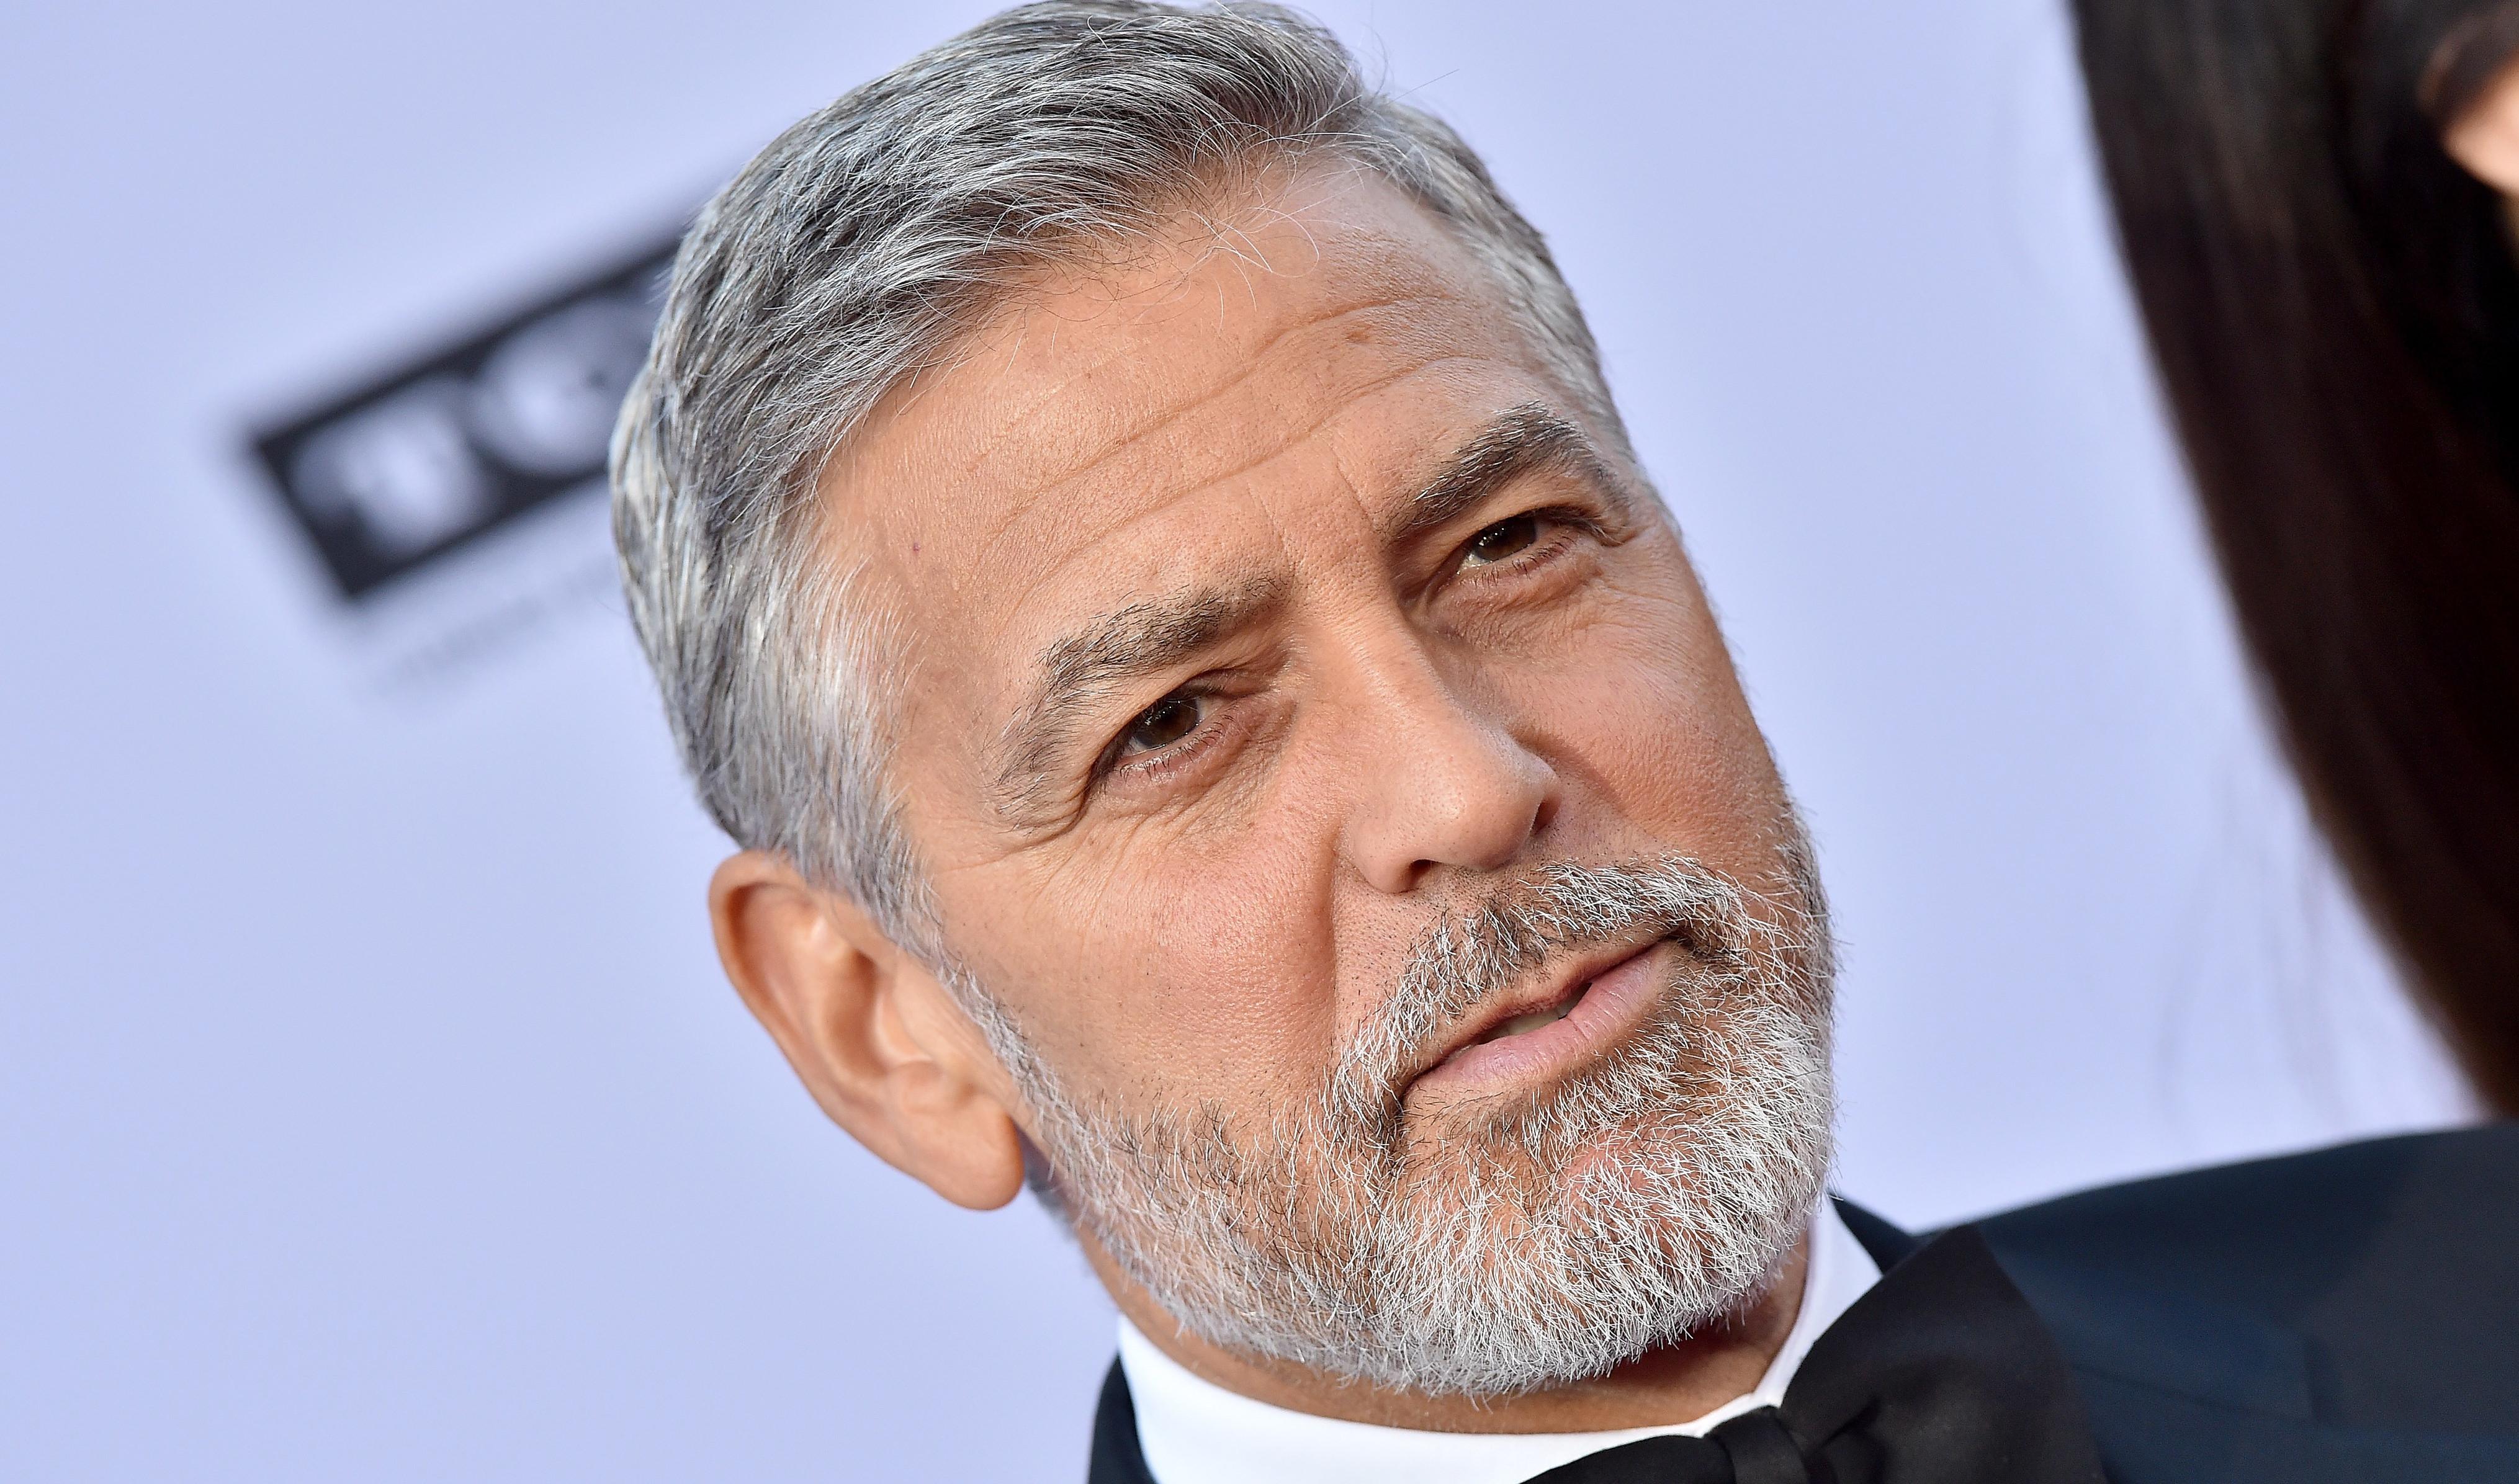 George Clooney, percuté par une voiture en Italie : son agent donne de ses nouvelles